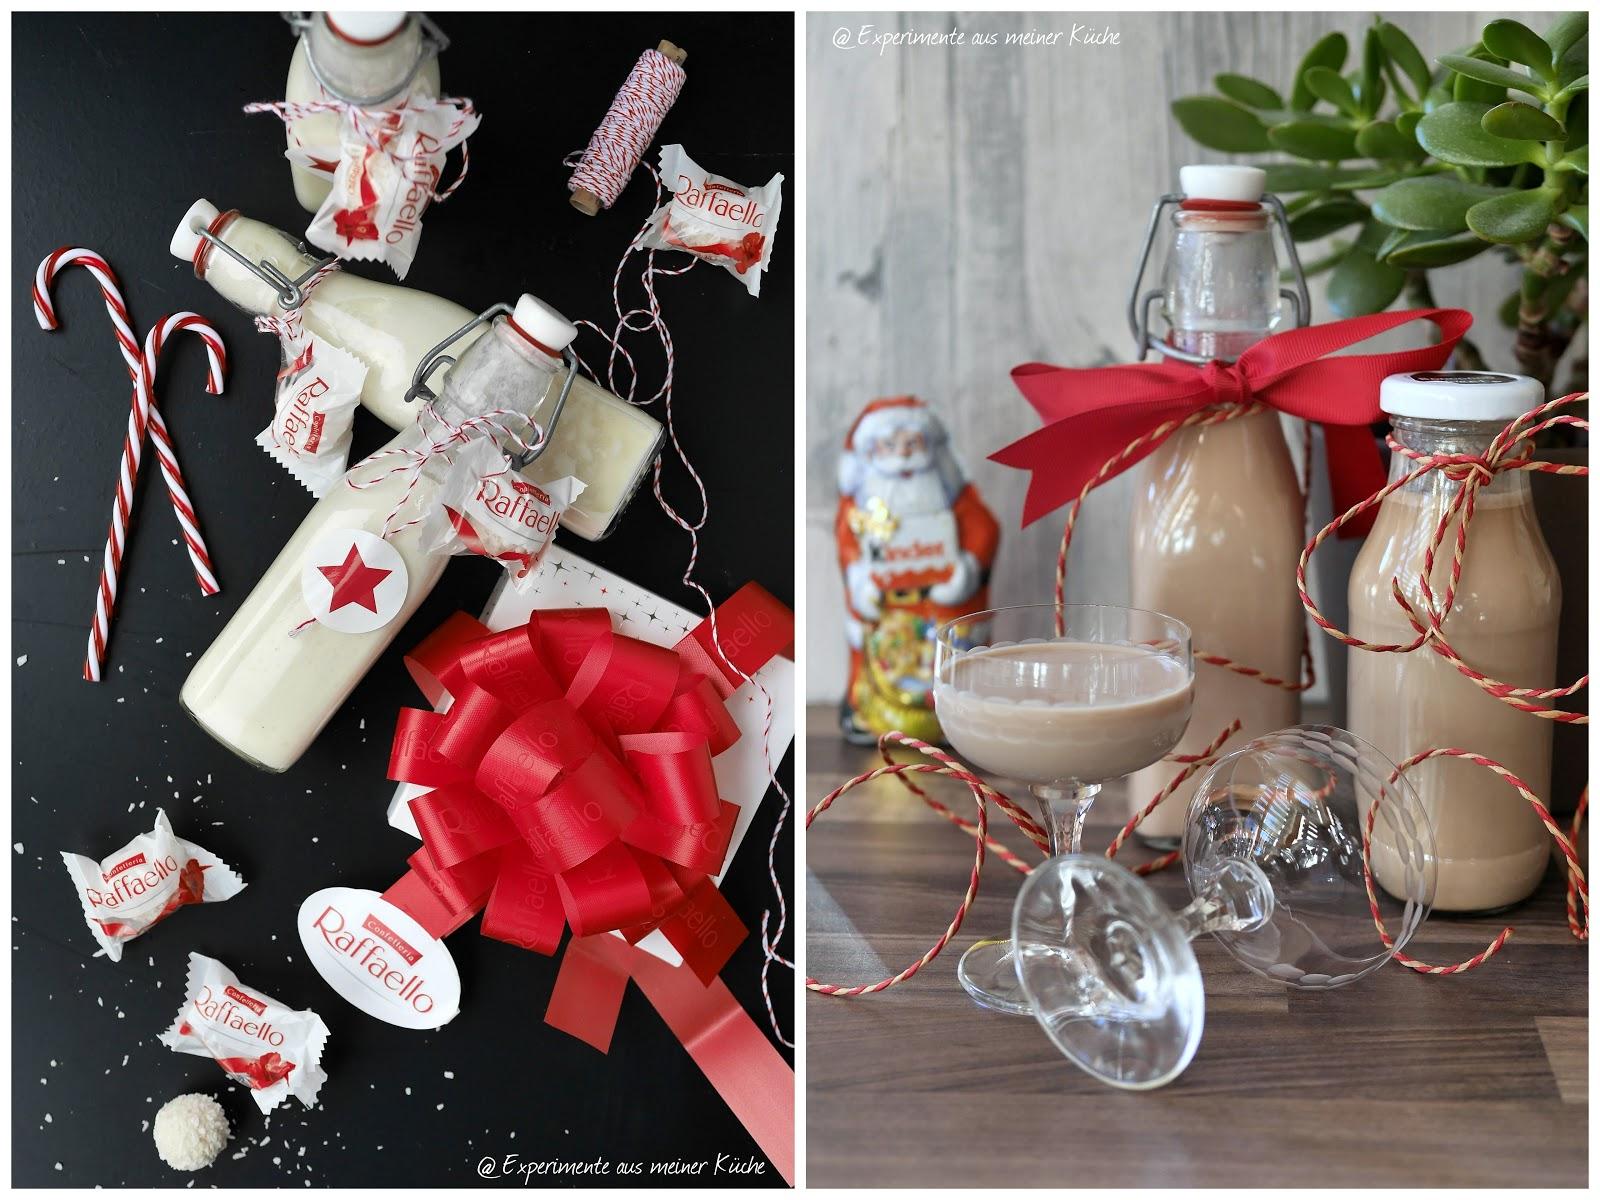 Geschenke Aus Der Küche Selber Machen Weihnachten. Küche ...